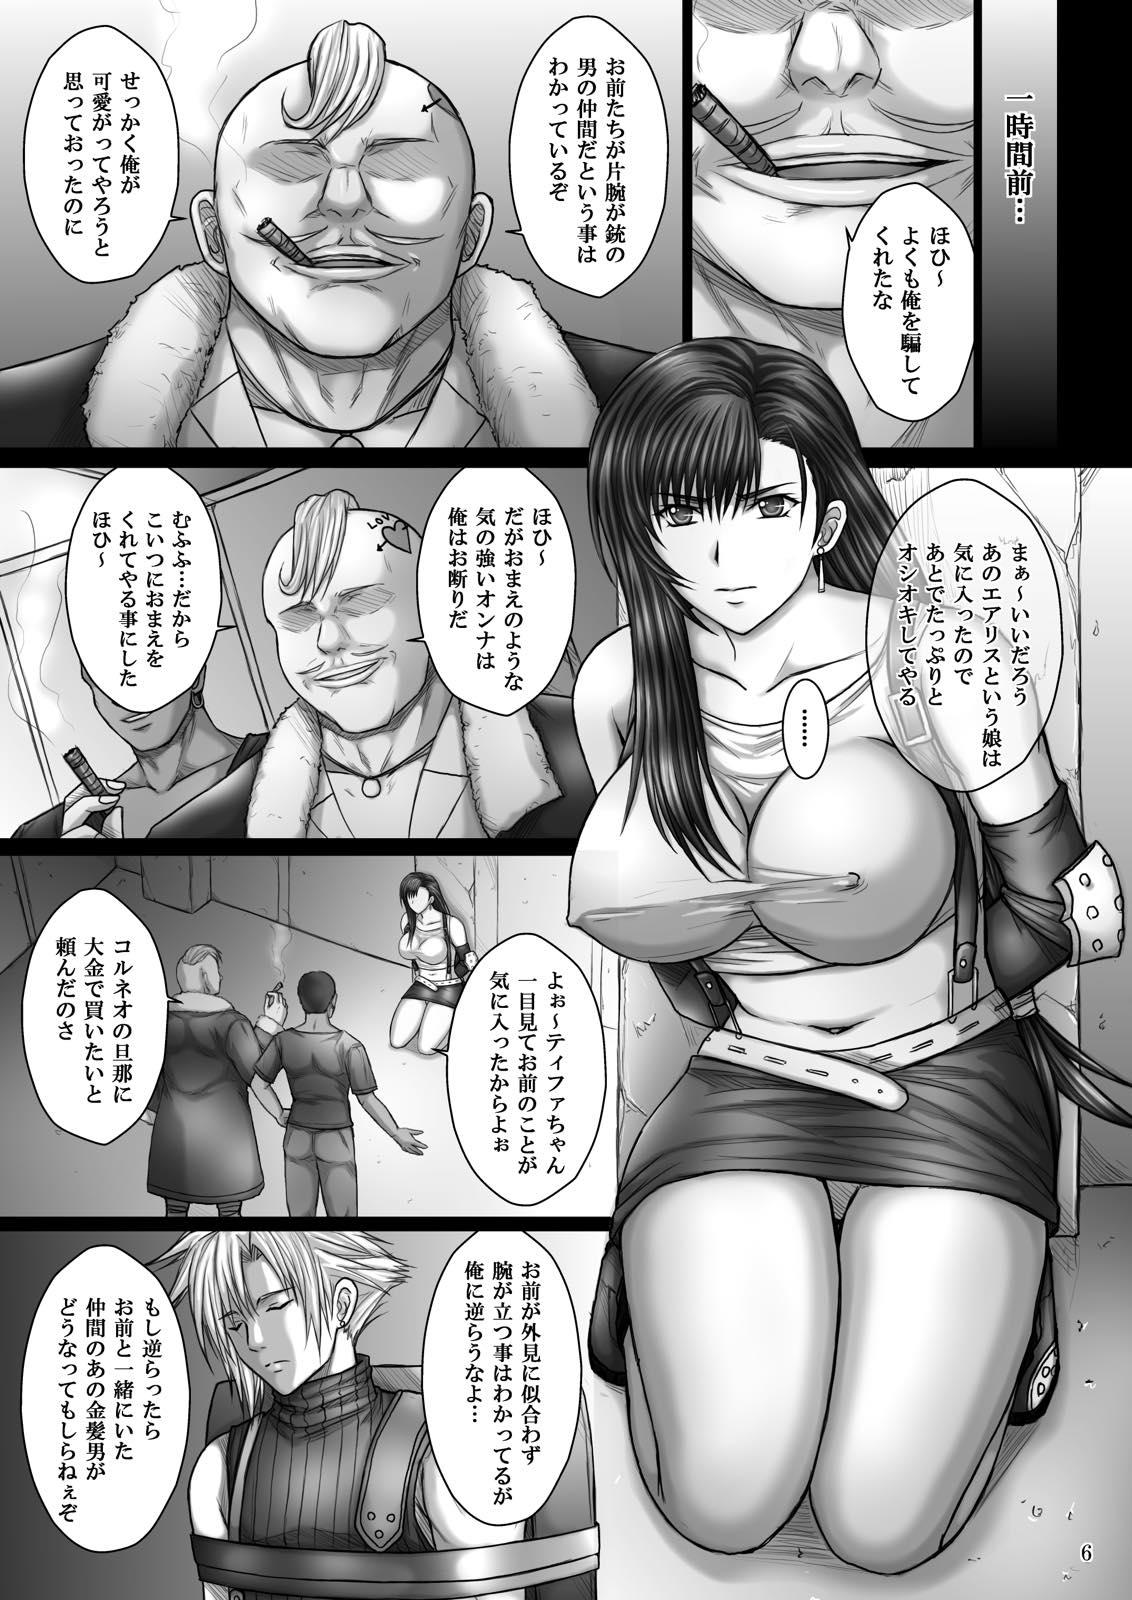 ティファ エロ 同人 誌